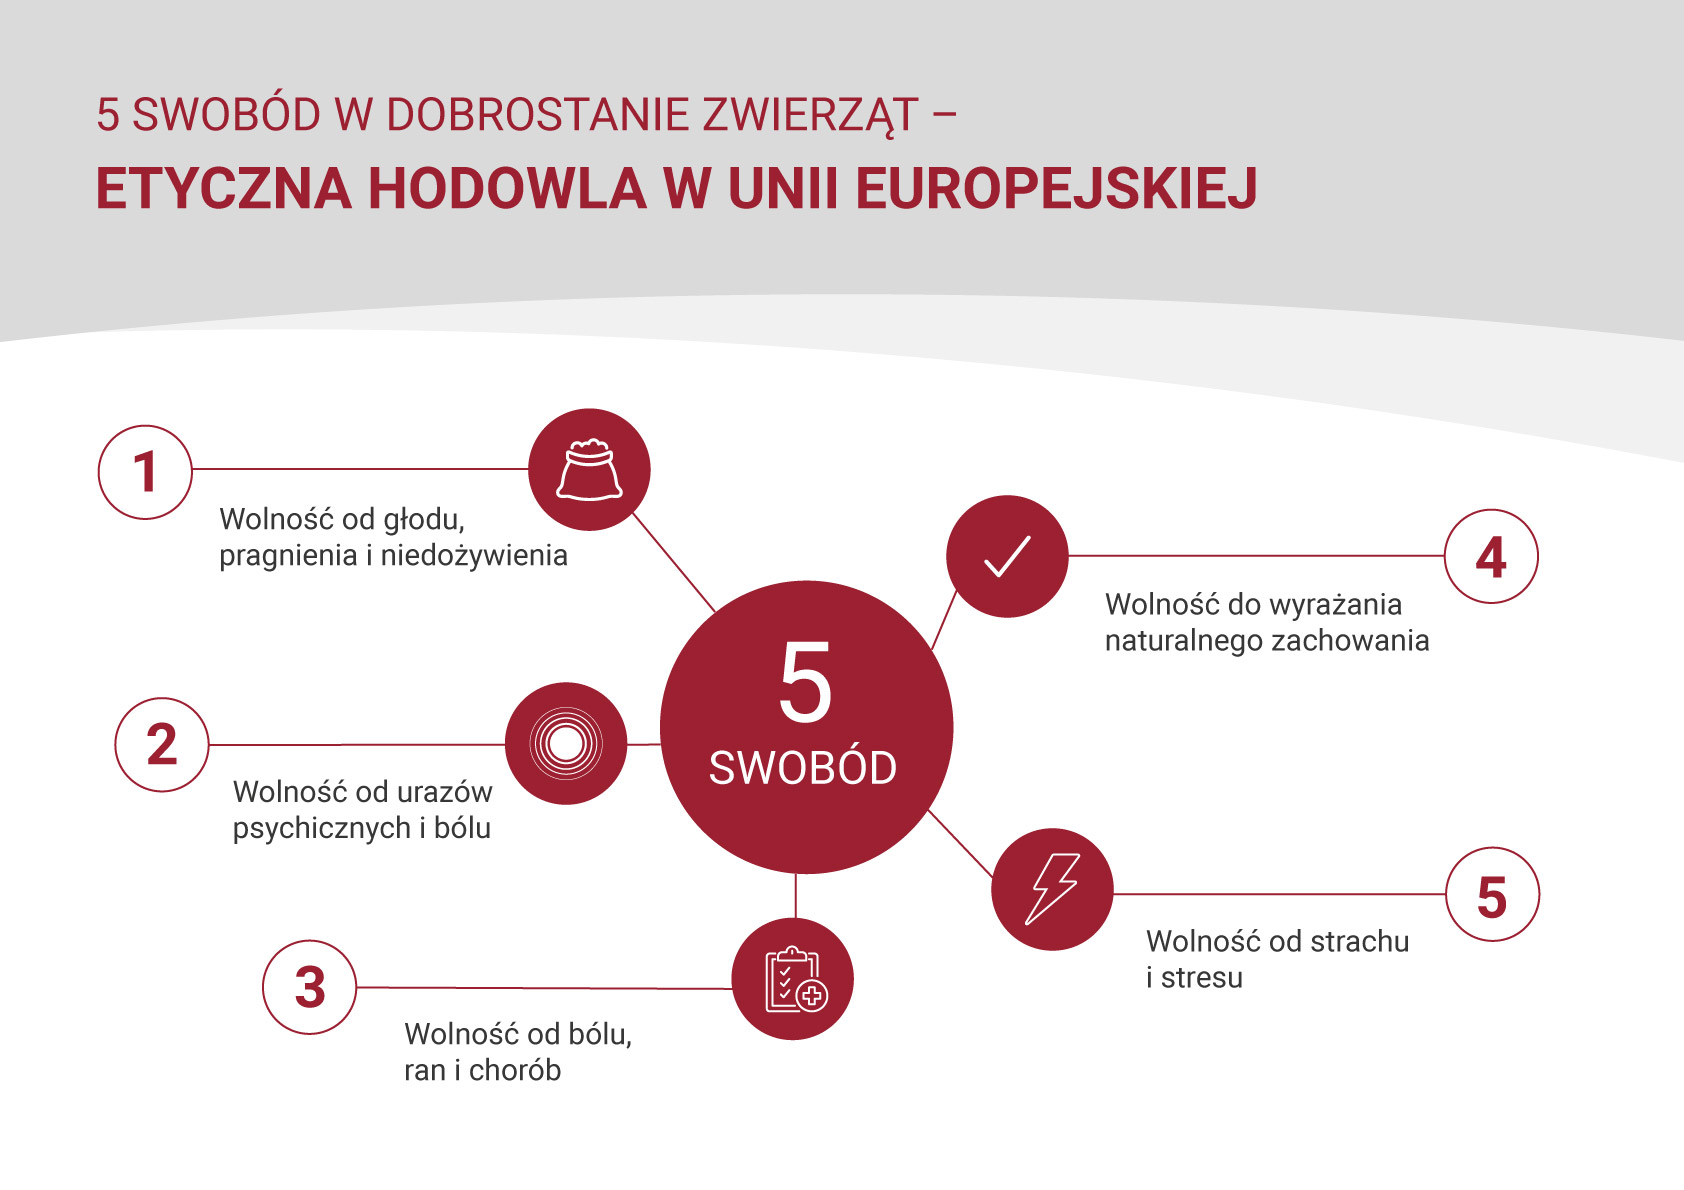 5 swobód w dobrostanie zwierząt – etyczna hodowla w Unii Europejskiej